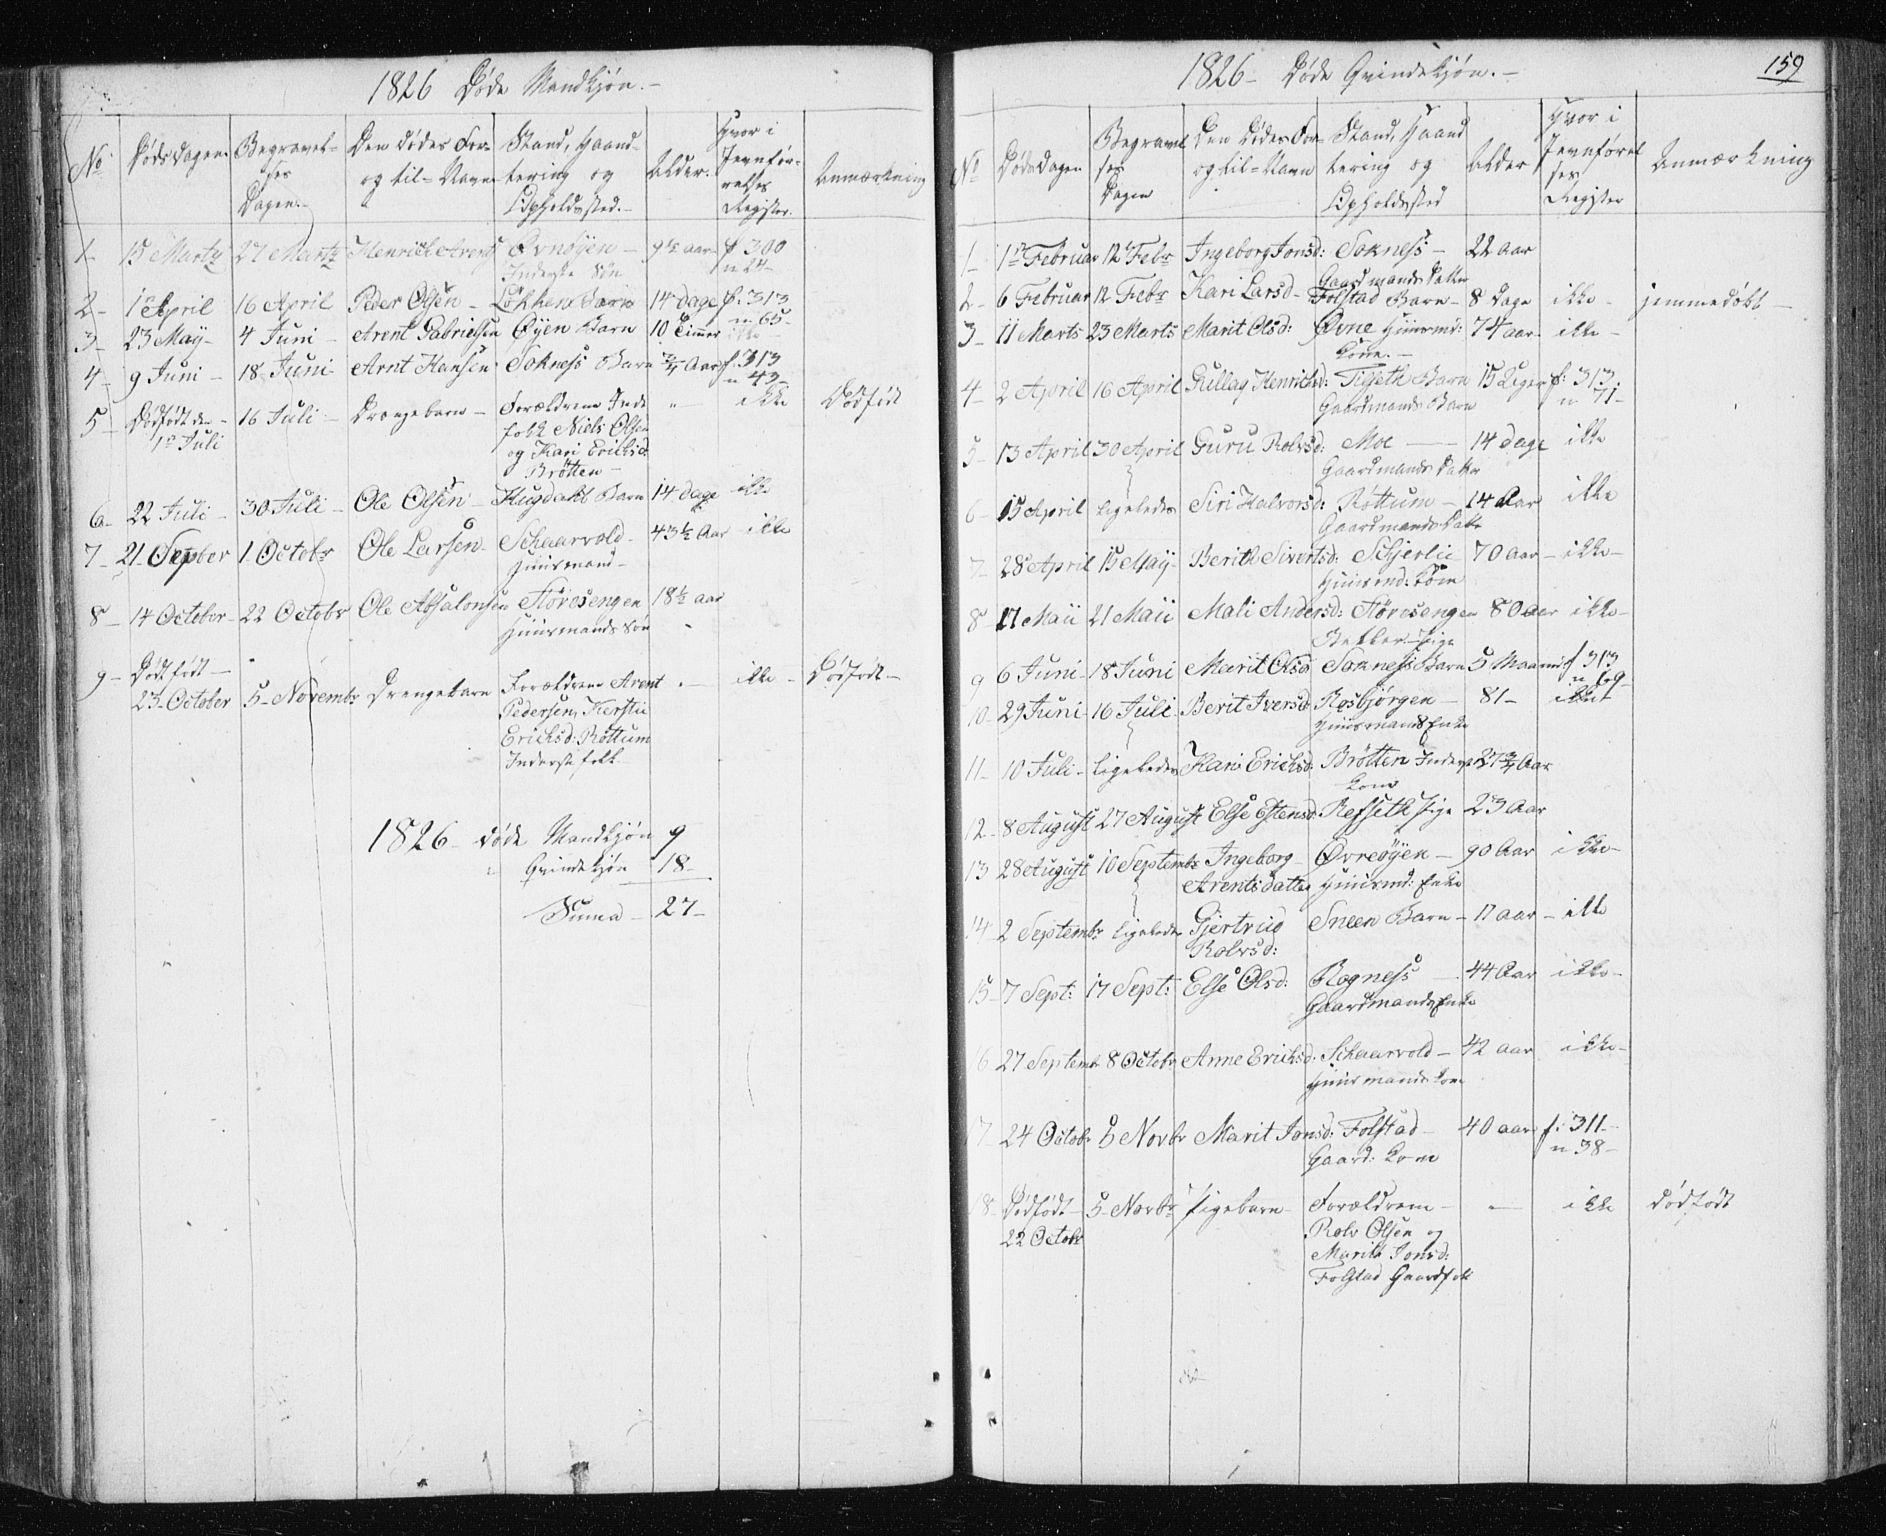 SAT, Ministerialprotokoller, klokkerbøker og fødselsregistre - Sør-Trøndelag, 687/L1017: Klokkerbok nr. 687C01, 1816-1837, s. 159